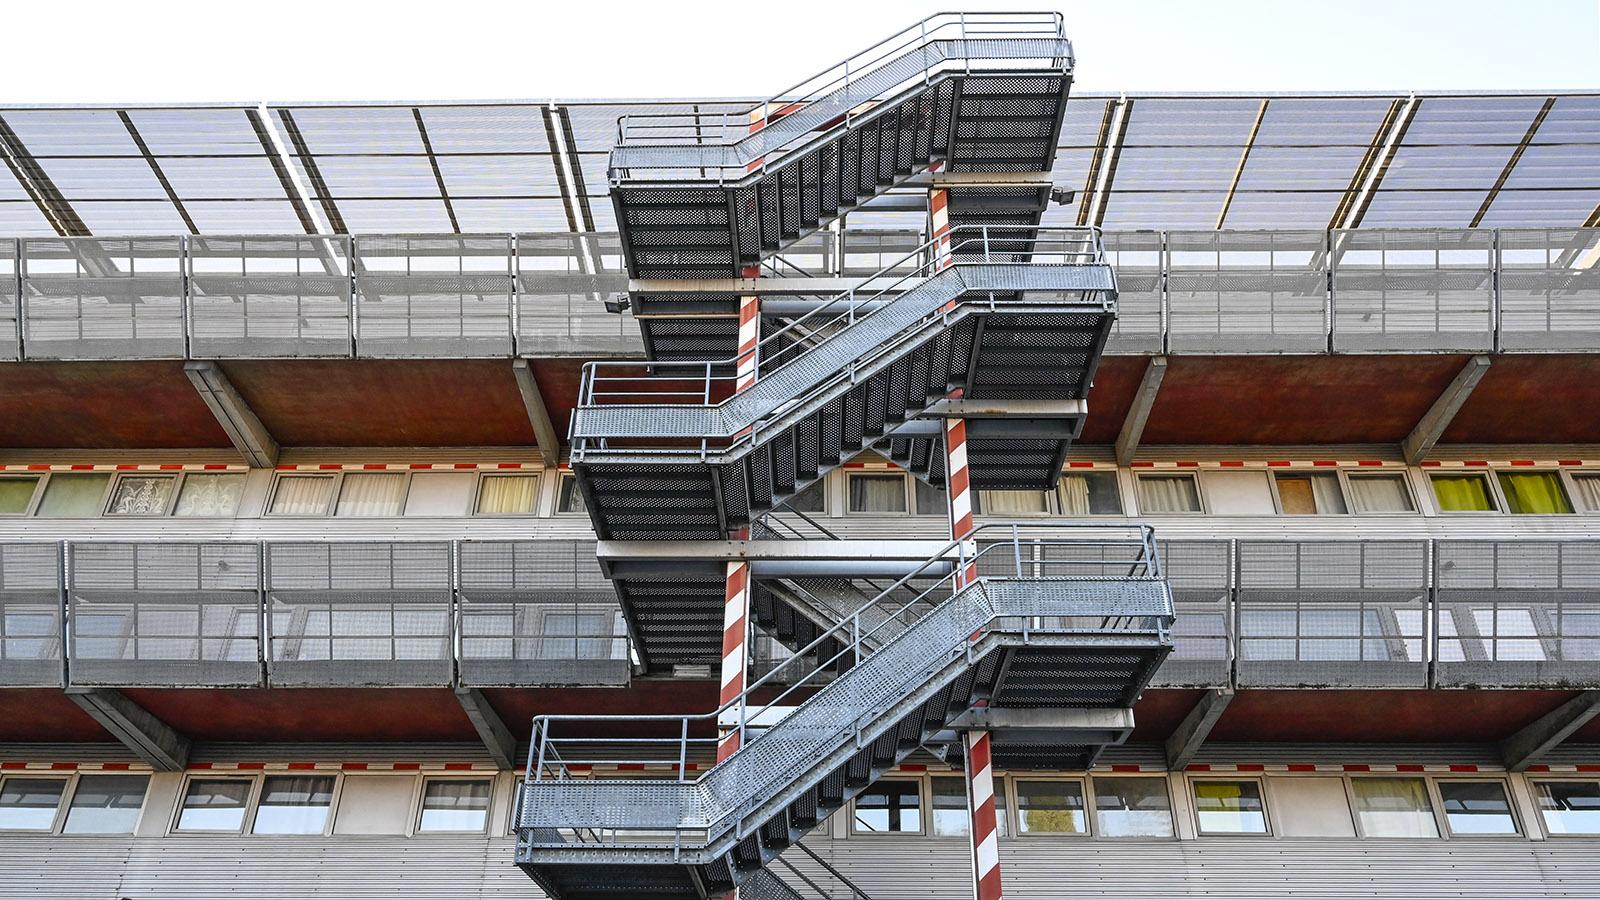 Nemausus: Die Zugänge zu den Wohnungen. Foto: Hilke Maunder